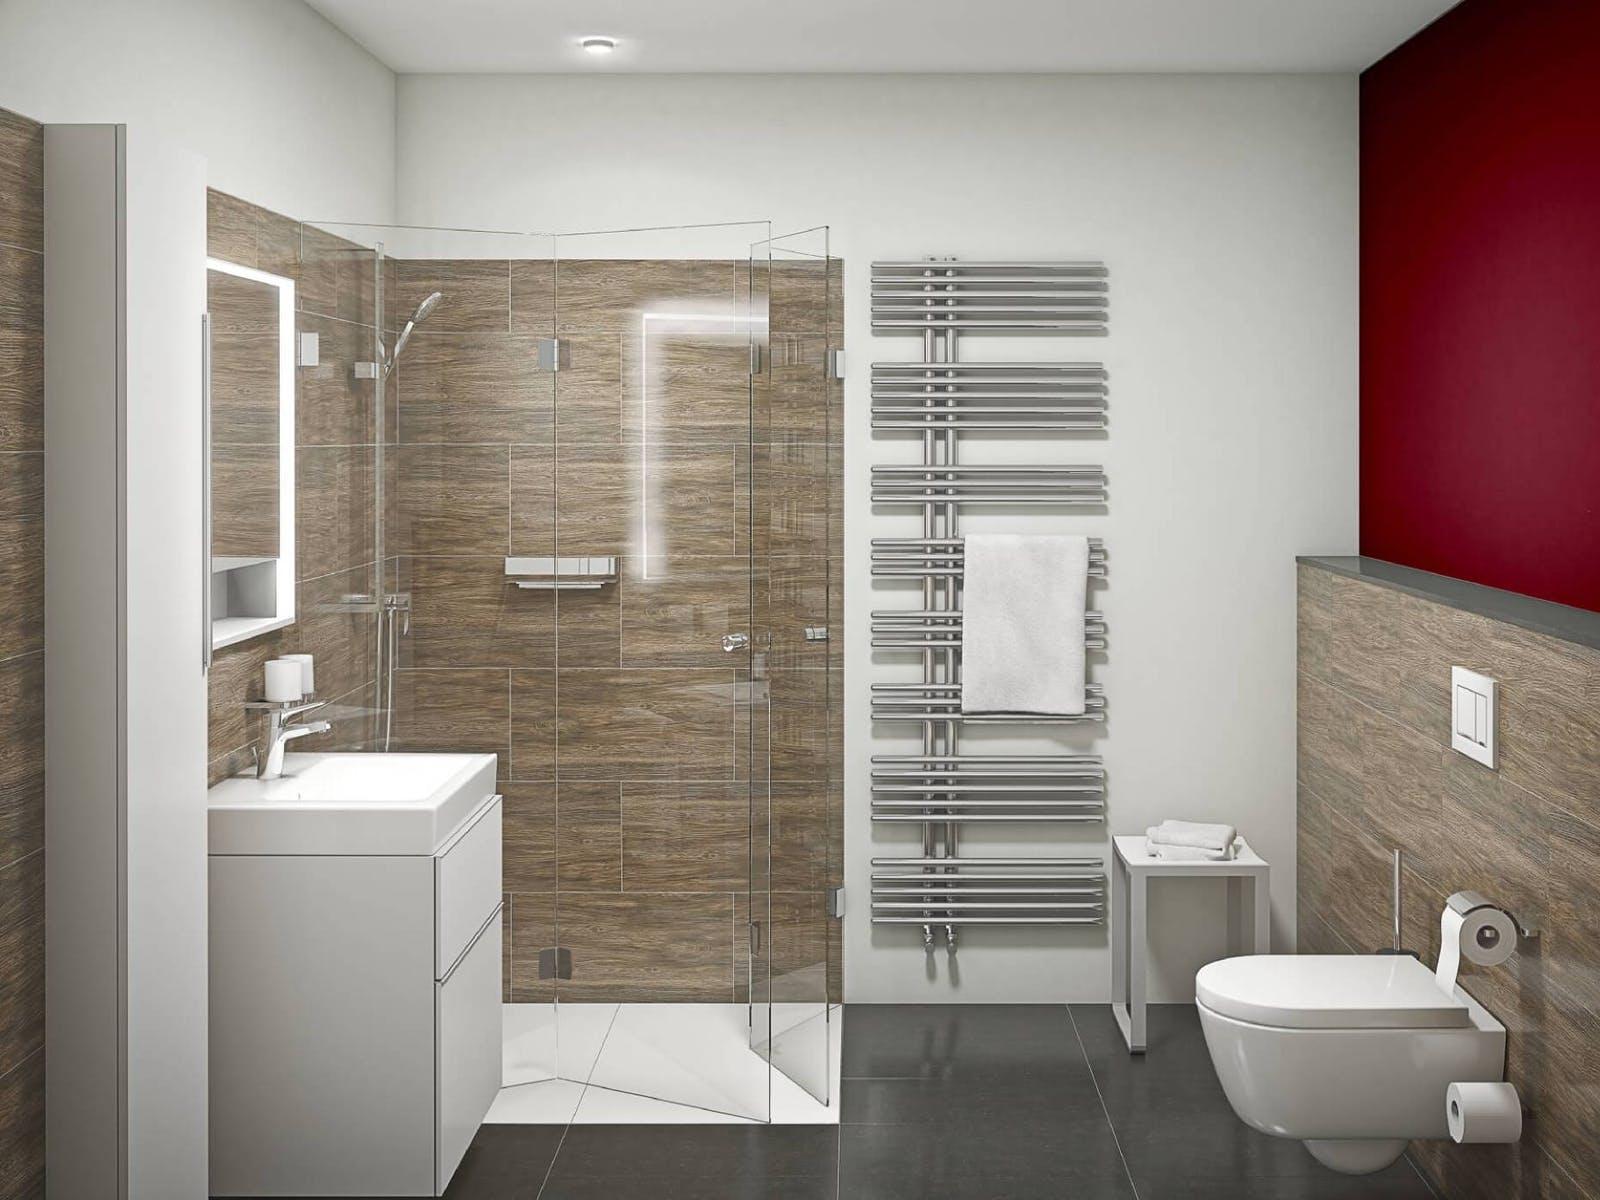 Kleine Badezimmer Mit Badewanne Ideen